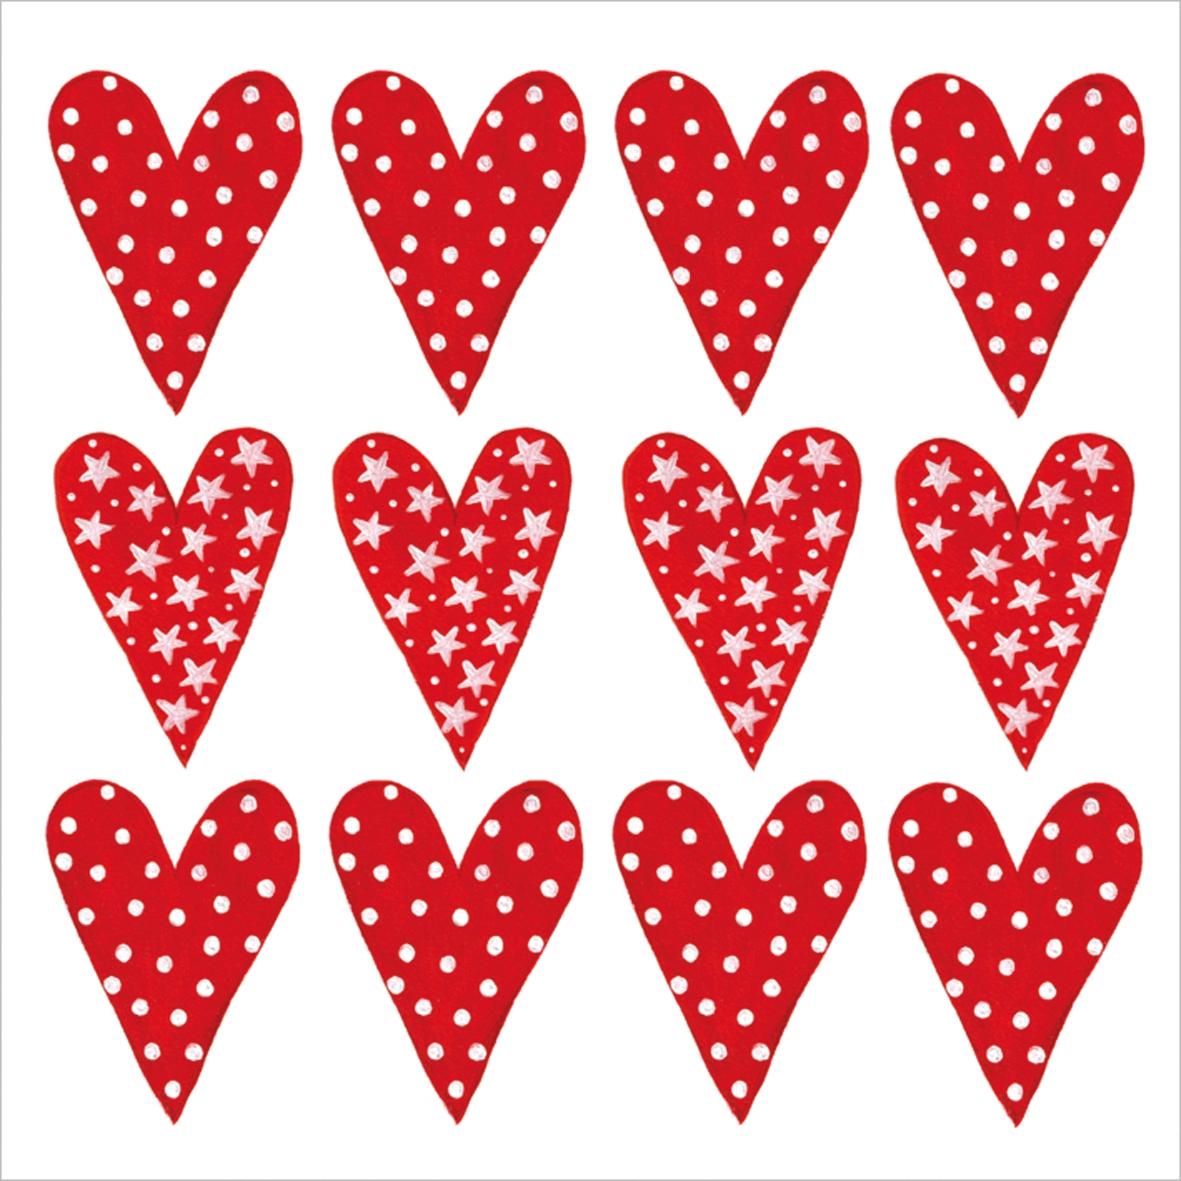 Lunch Servietten Lot of Love,  Ereignisse - Liebe,  Everyday,  lunchservietten,  Liebe,  Herzen